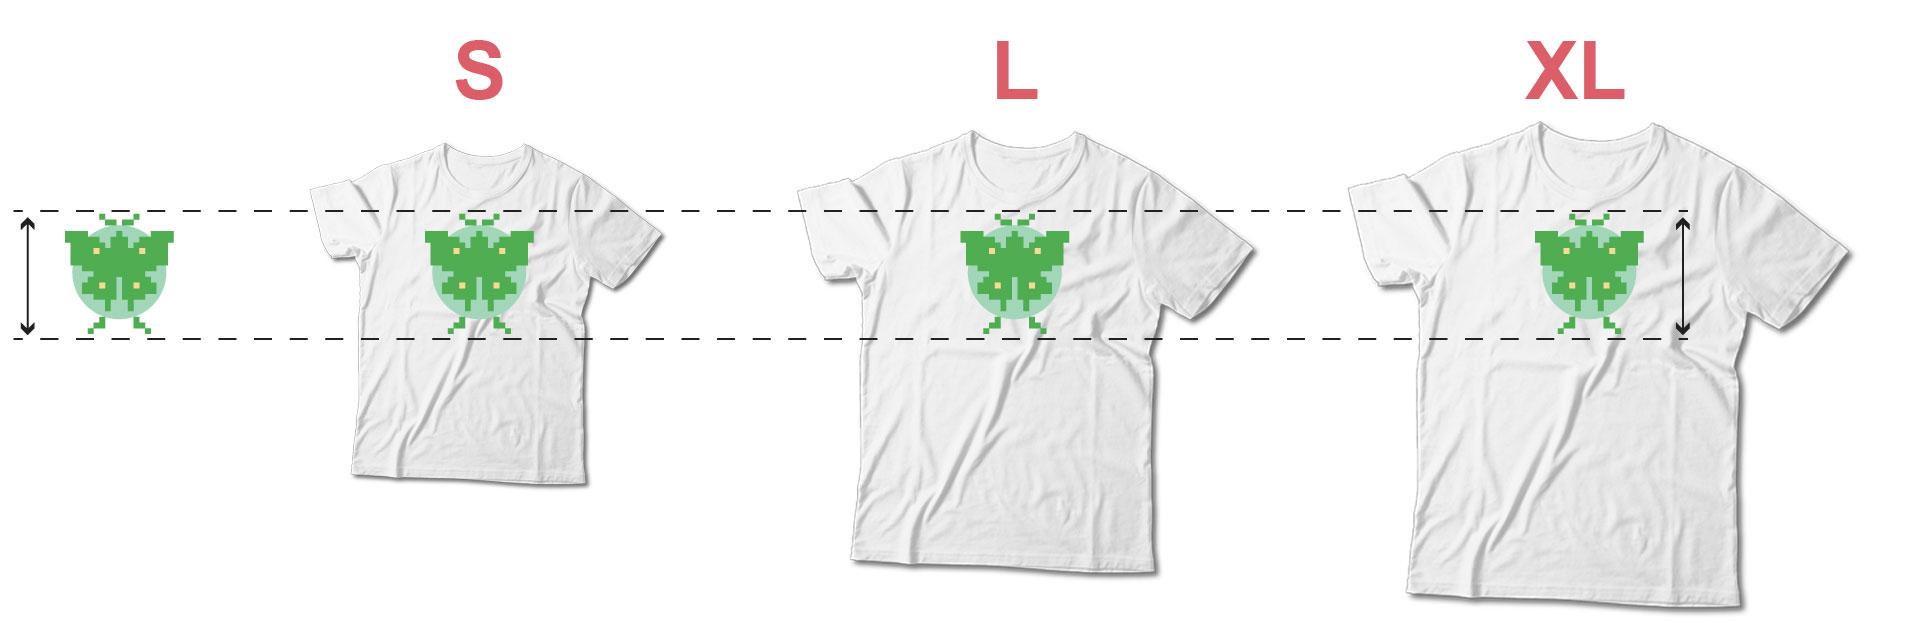 shirt size comparisons